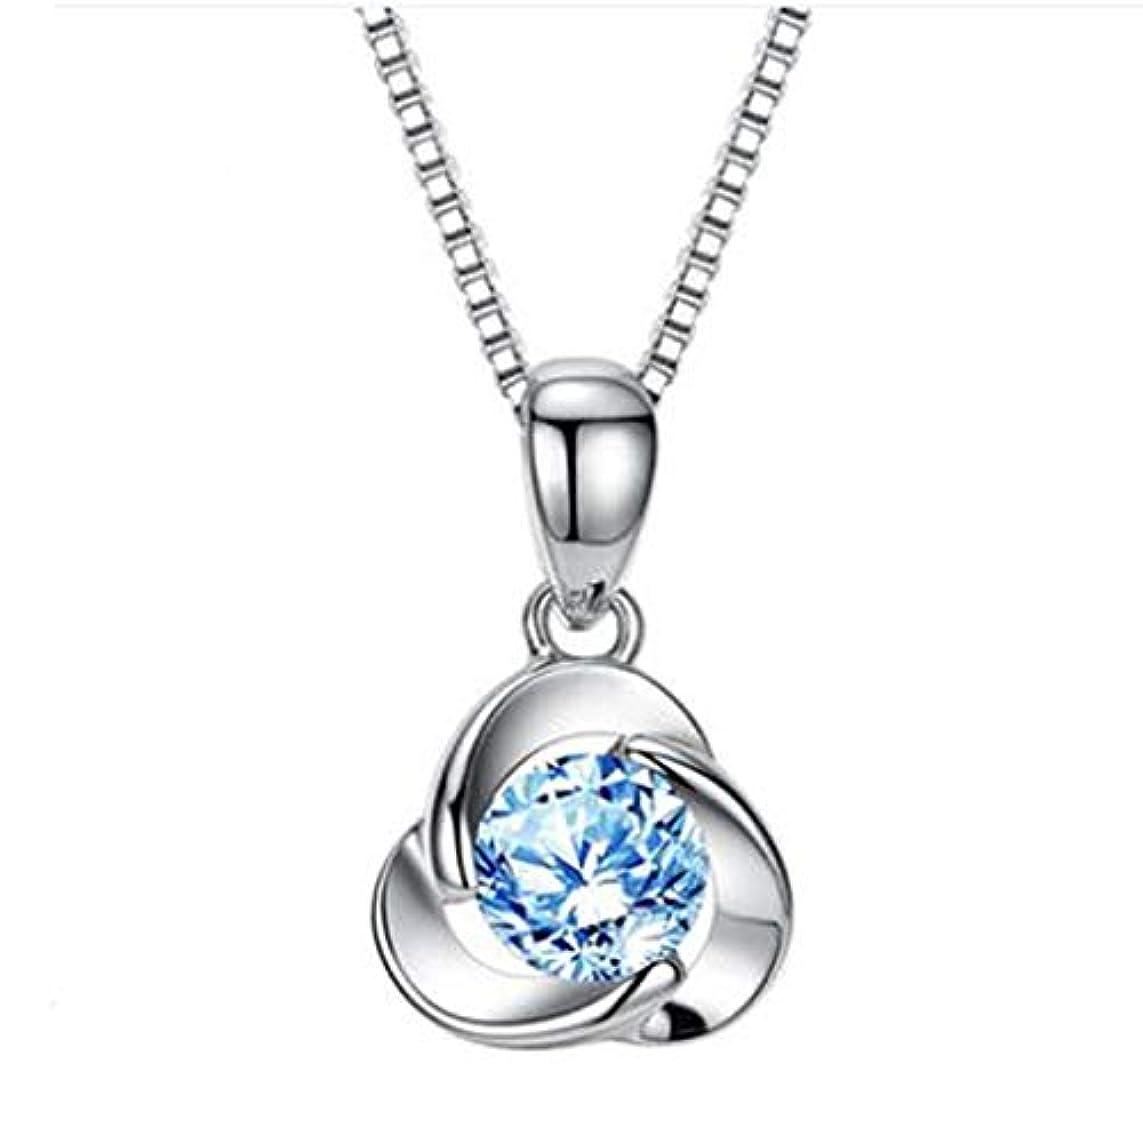 大いに観光に行く無傷Yougou01 ガールフレンドの妻の誕生日プレゼントを送る女性実用クリエイティブロマンチックな特別な心小さな贈り物 、創造的な装飾 (Color : Blue)